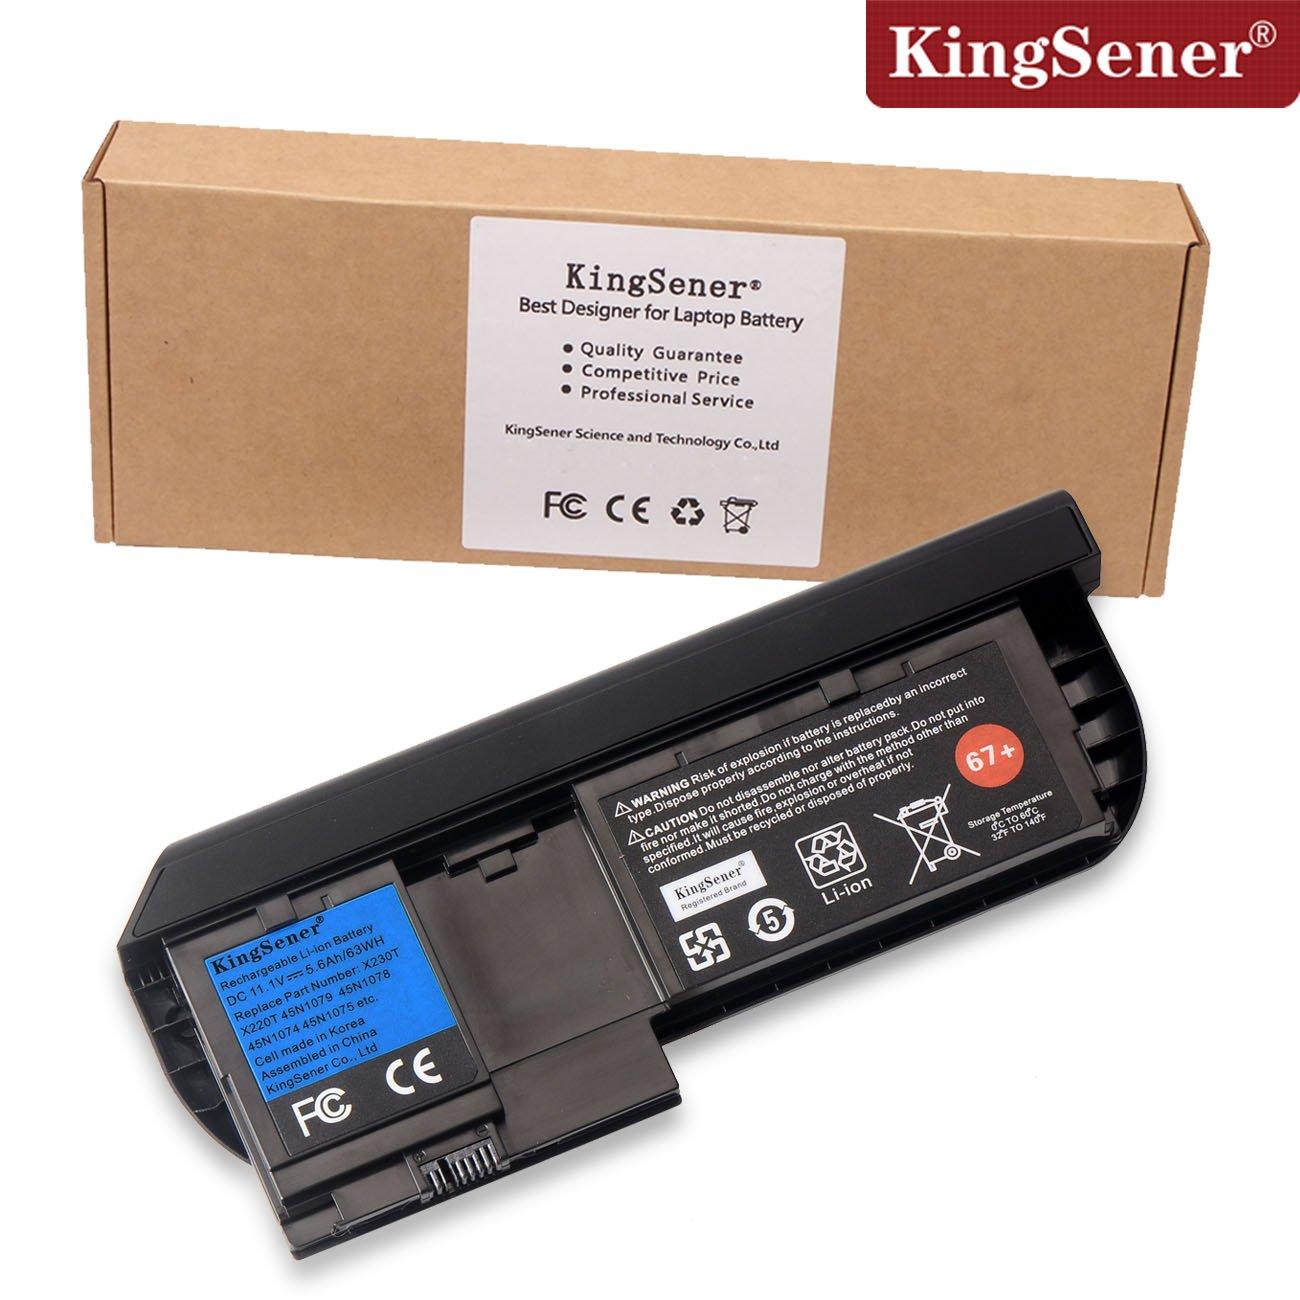 Bateria X230t Para Lenovo Thinkpad X230t X220t 0a36316 0a36317 45n1076 45n1077 45n1074 45n1075 45n1078 45n1079 5600mah